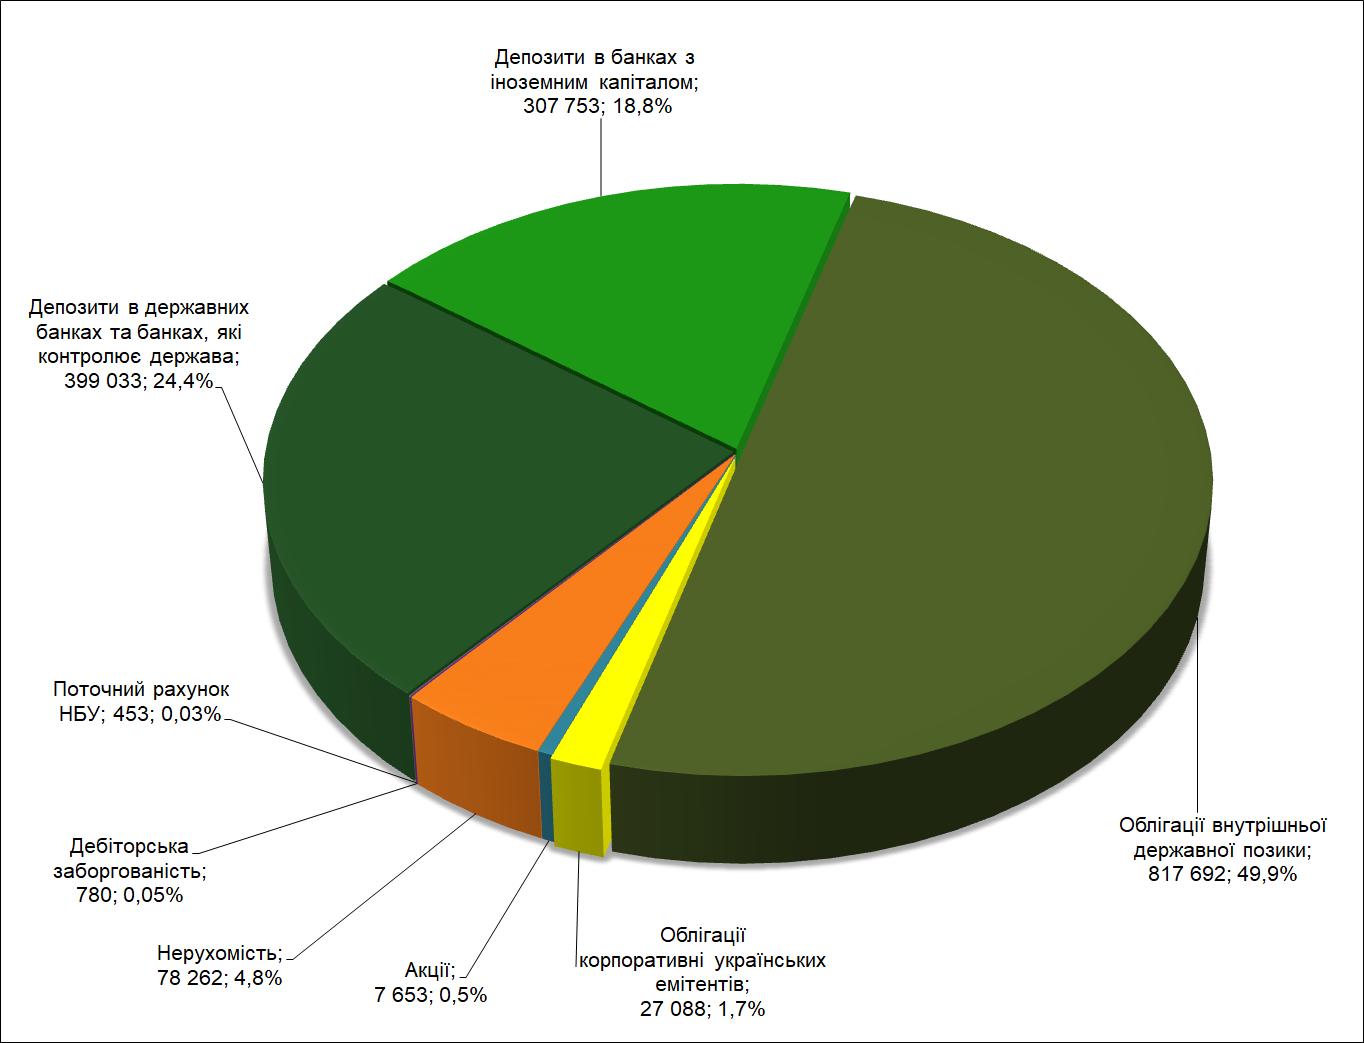 Структура активів, тис. грн